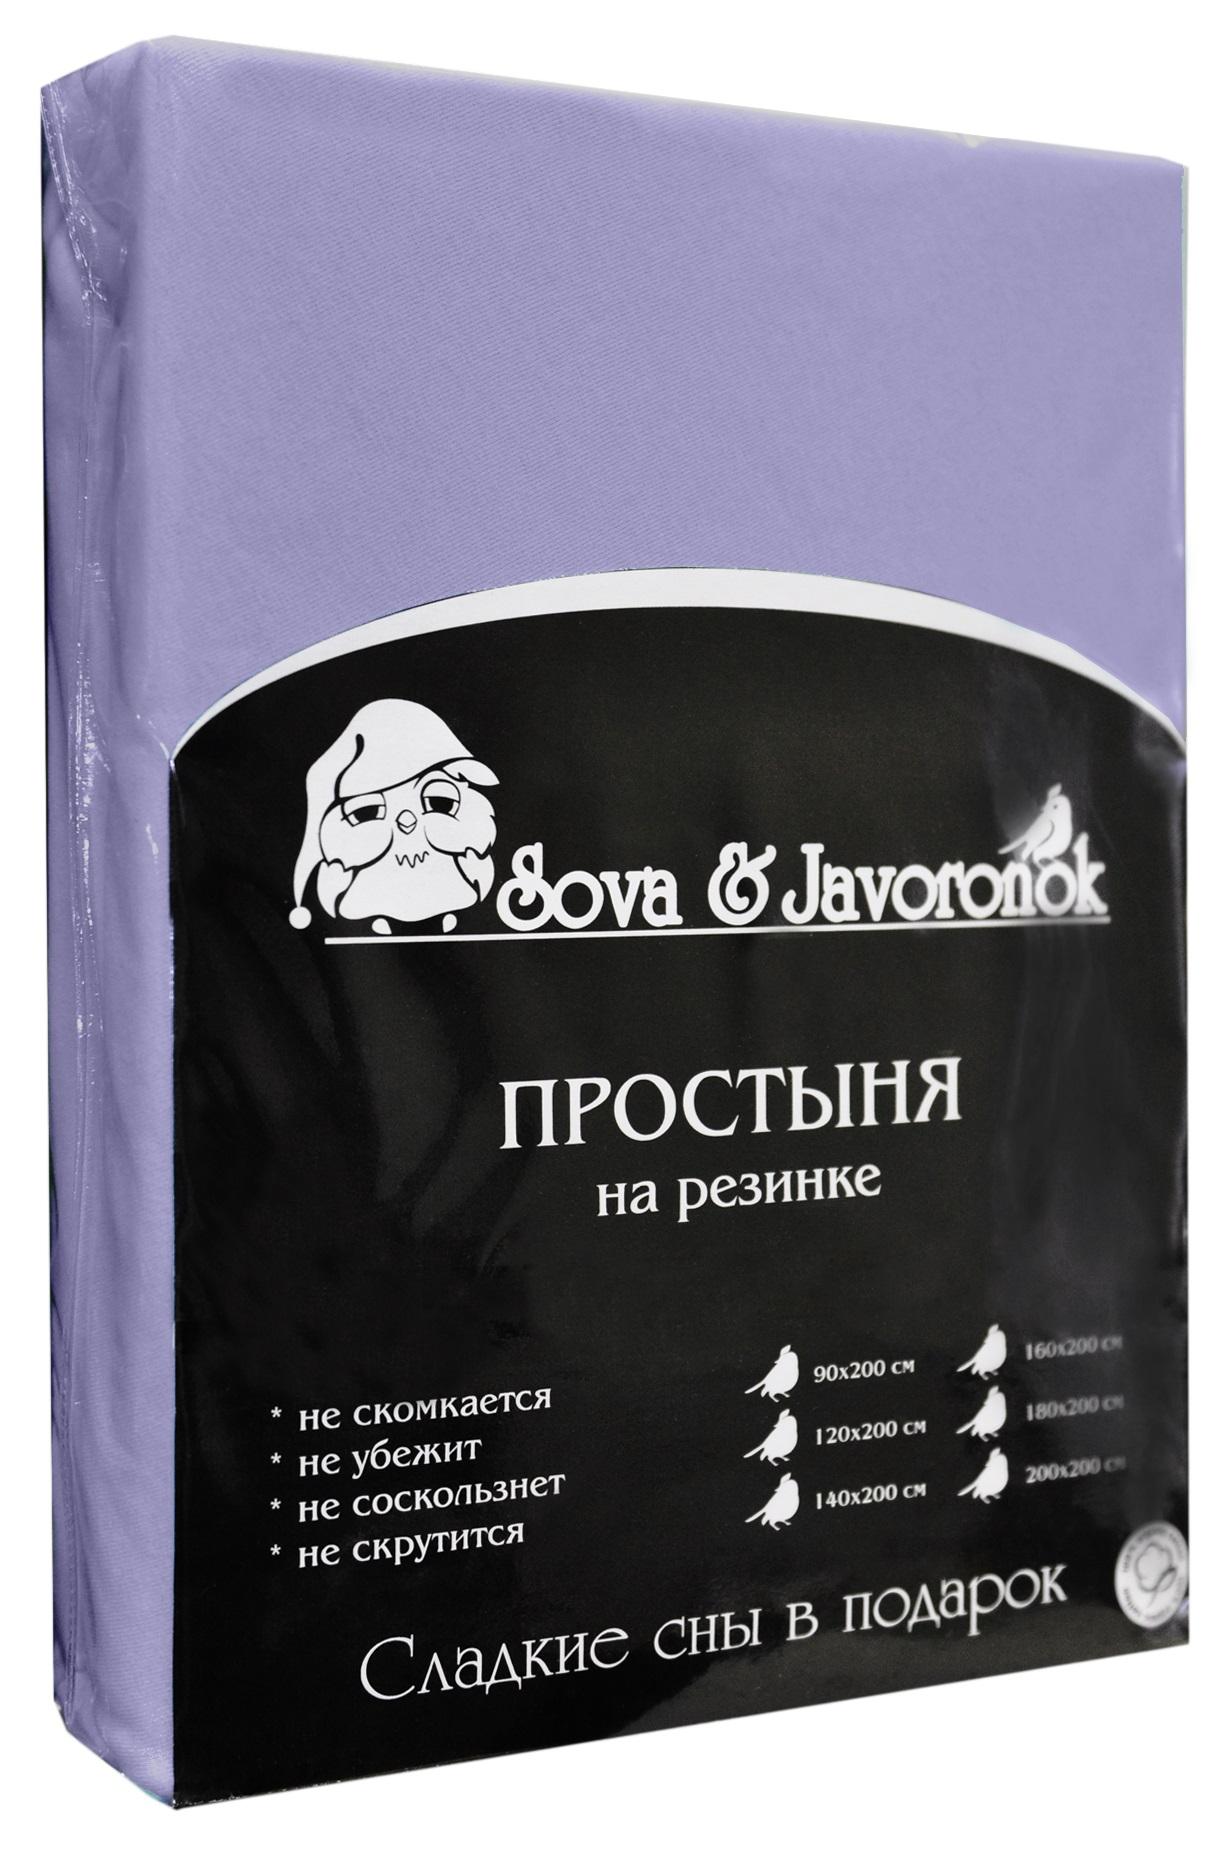 Простыня на резинке Sova & Javoronok, цвет: сиреневый, 140 см х 200 см08030115073Простыня на резинке Sova & Javoronok, изготовленная из трикотажной ткани (100% хлопок), будет превосходно смотреться с любыми комплектами белья. Хлопчатобумажный трикотаж по праву считается одним из самых качественных, прочных и при этом приятных на ощупь. Его гигиеничность позволяет использовать простыню и в детских комнатах, к тому же 100%-ый хлопок в составе ткани не вызовет аллергии. У трикотажного полотна очень интересная структура, немного рыхлая за счет отсутствия плотного переплетения нитей и наличия особых петель, благодаря этому простыня Сова и Жаворонок отлично пропускает воздух и способствует его постоянной циркуляции. Поэтому ваша постель будет всегда оставаться свежей. Но главное и, пожалуй, самое известное свойство трикотажа - это его великолепная растяжимость, поэтому эта ткань и была выбрана для натяжной простыни на резинке. Простыня прошита резинкой по всему периметру, что обеспечивает более комфортный отдых, так как она прочно удерживается на матрасе и...